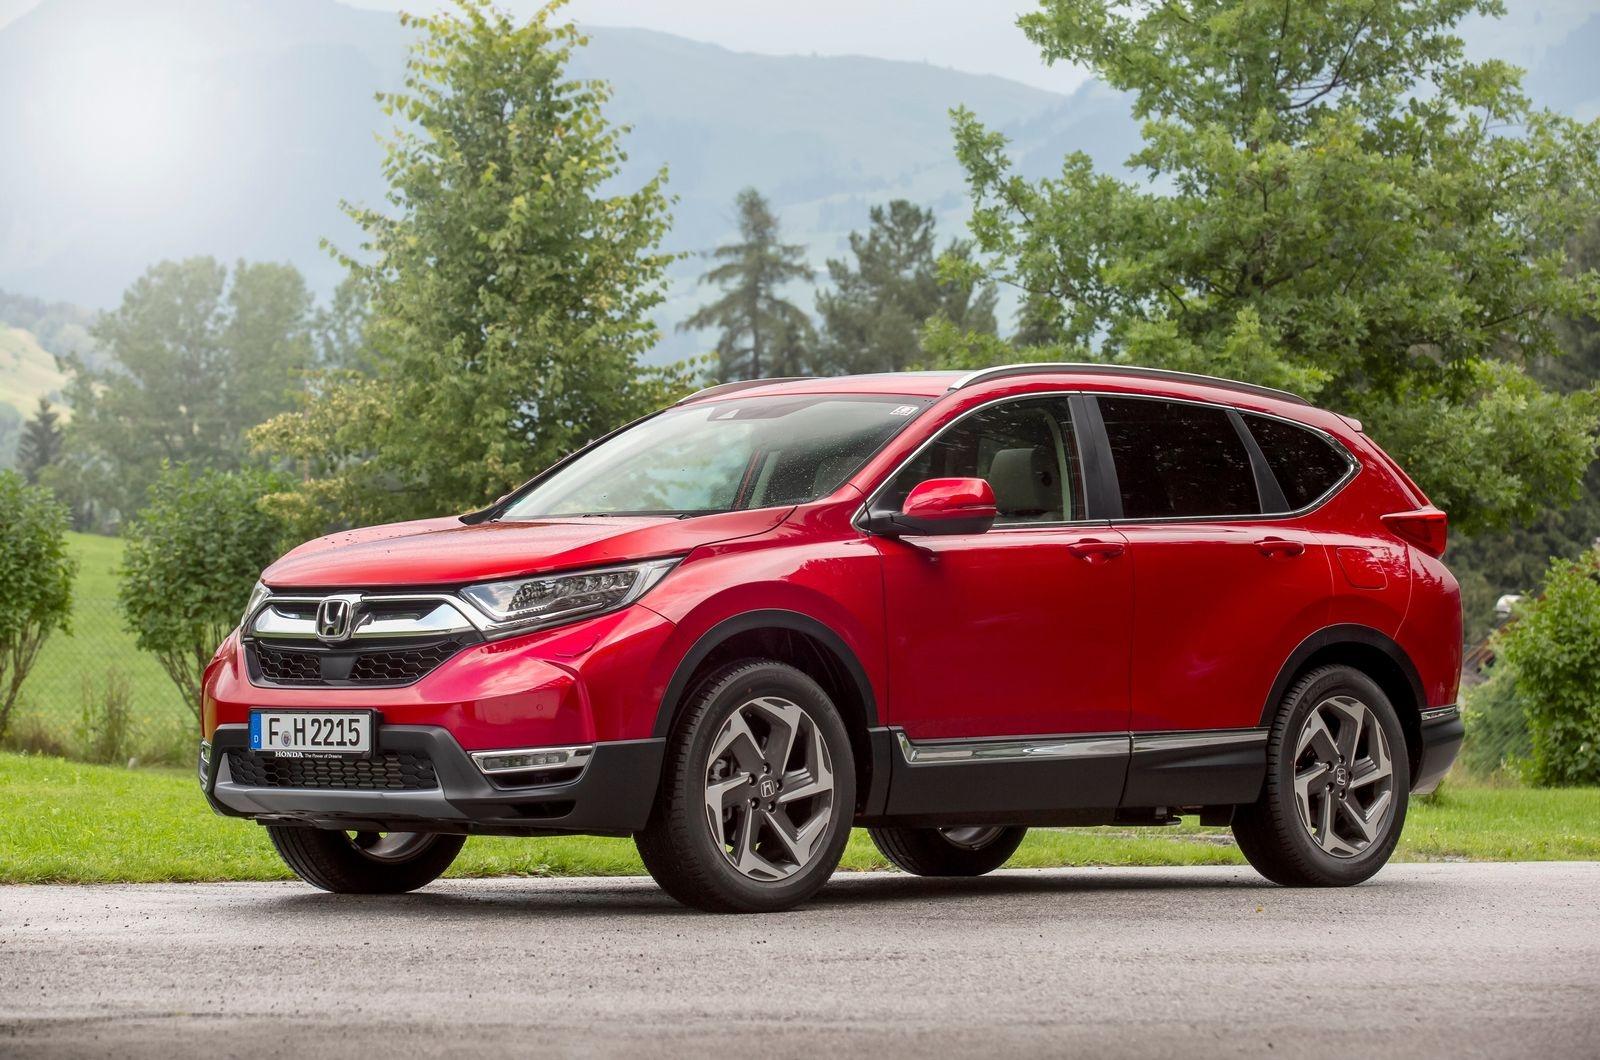 Honda_CR-V_AutoRok_2018__16